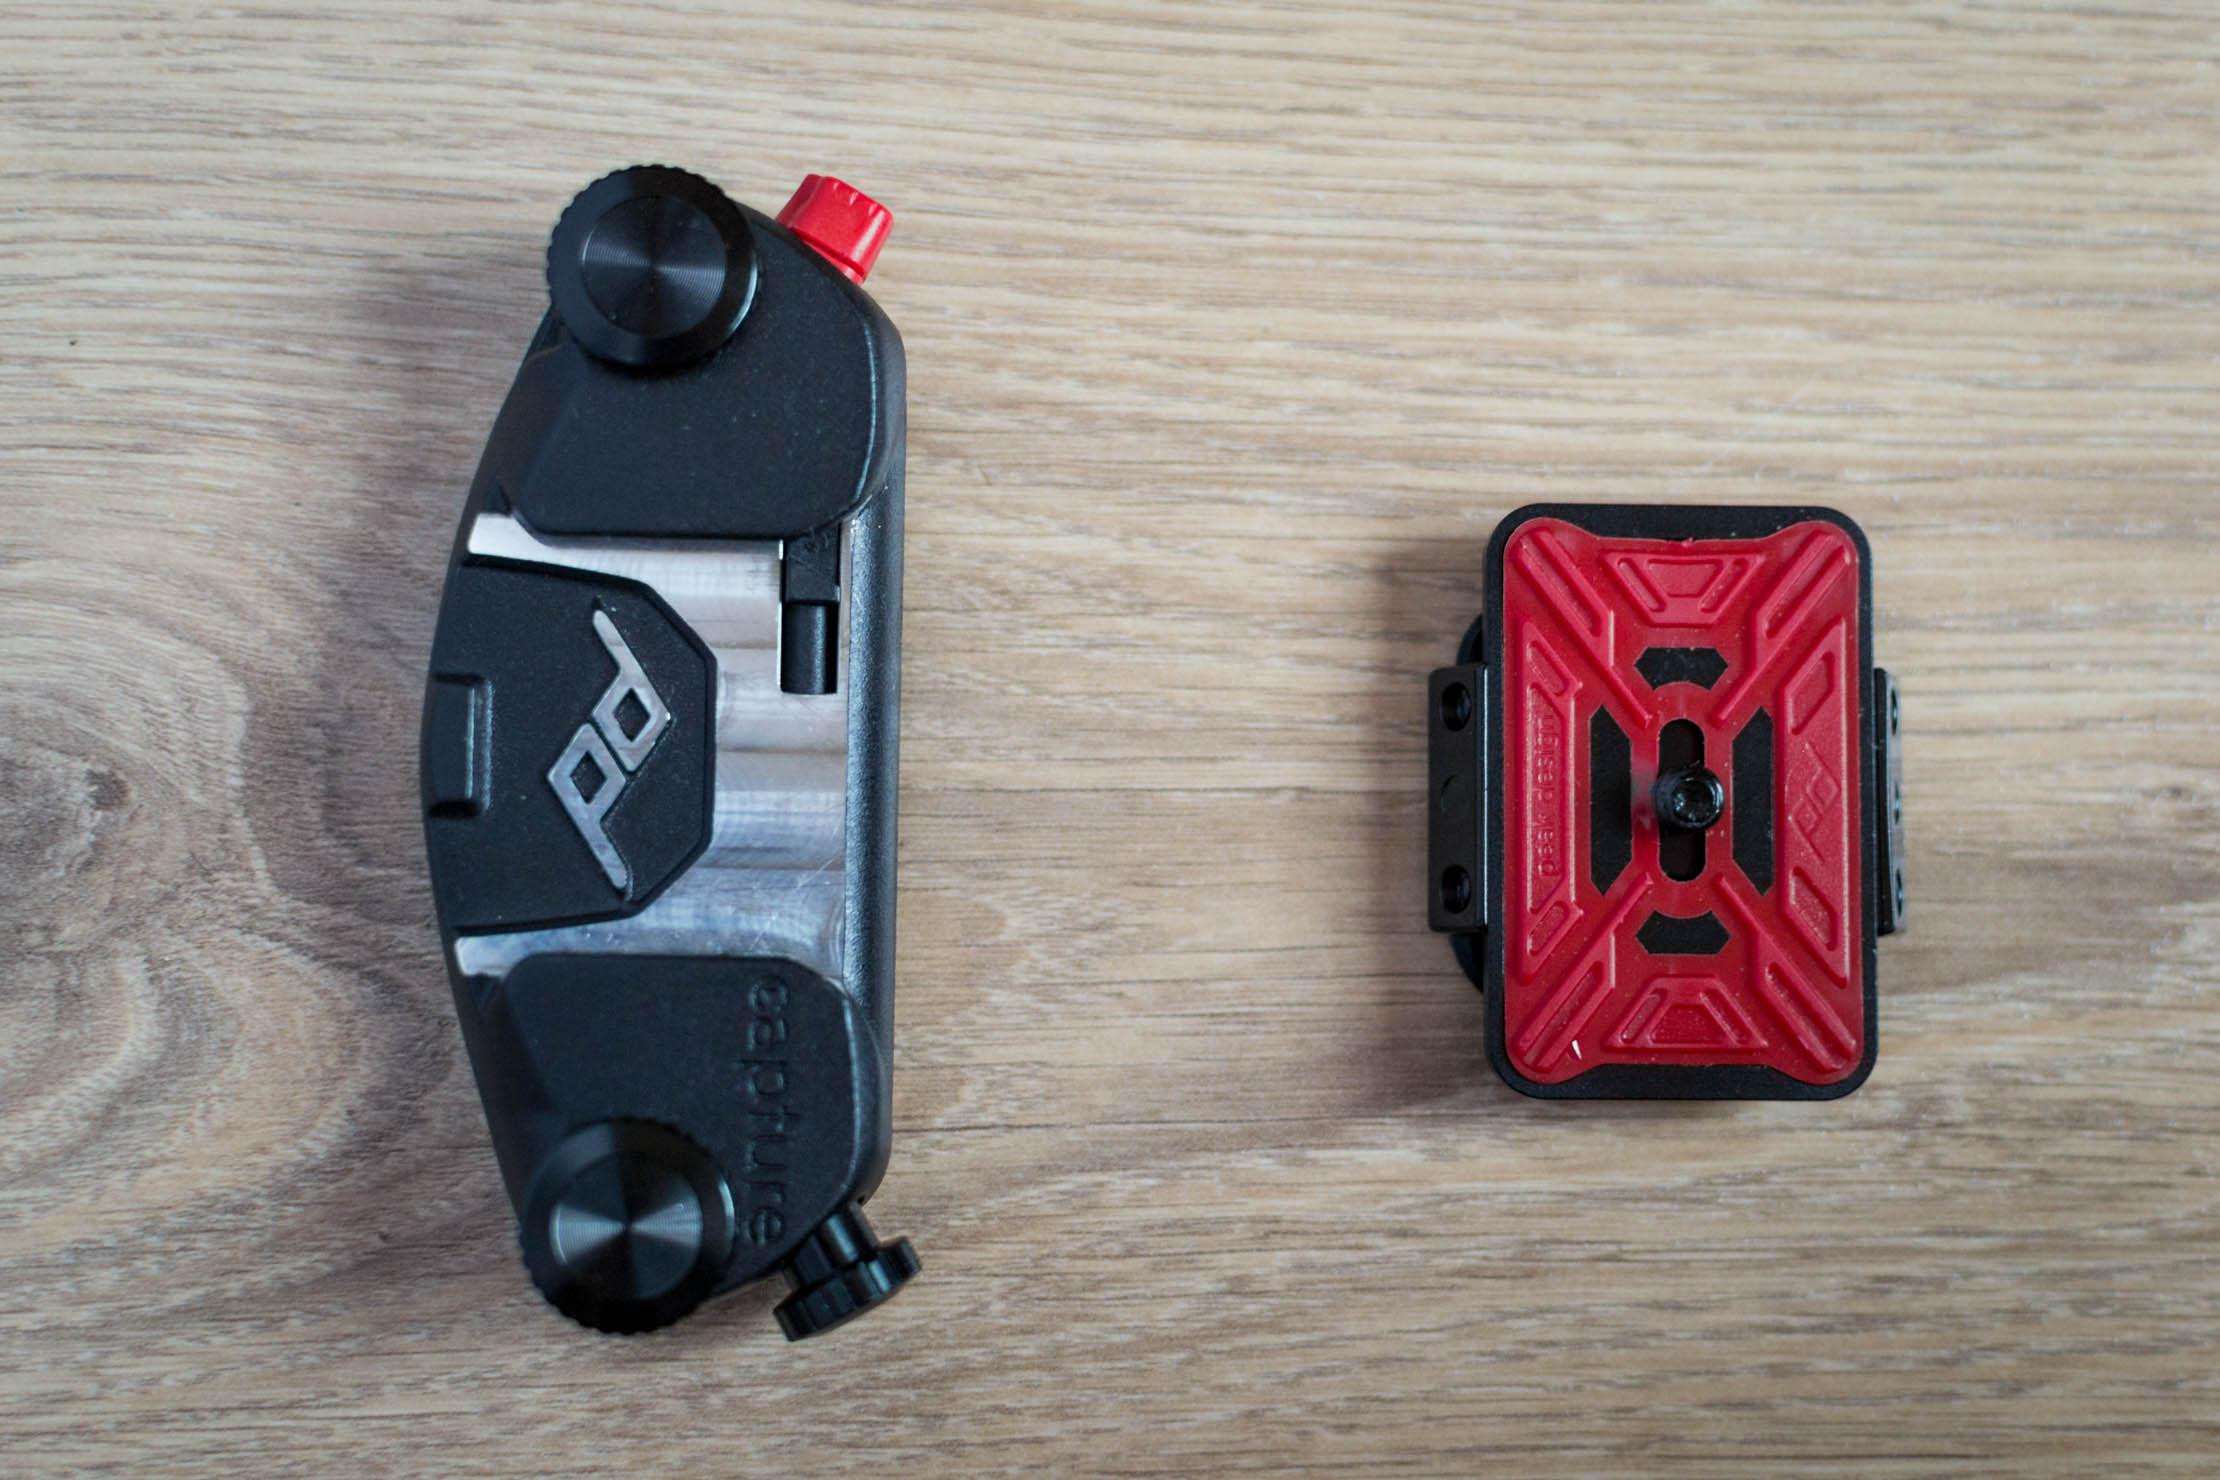 L'attache (à droite) et le plateau amovible (à gauche)